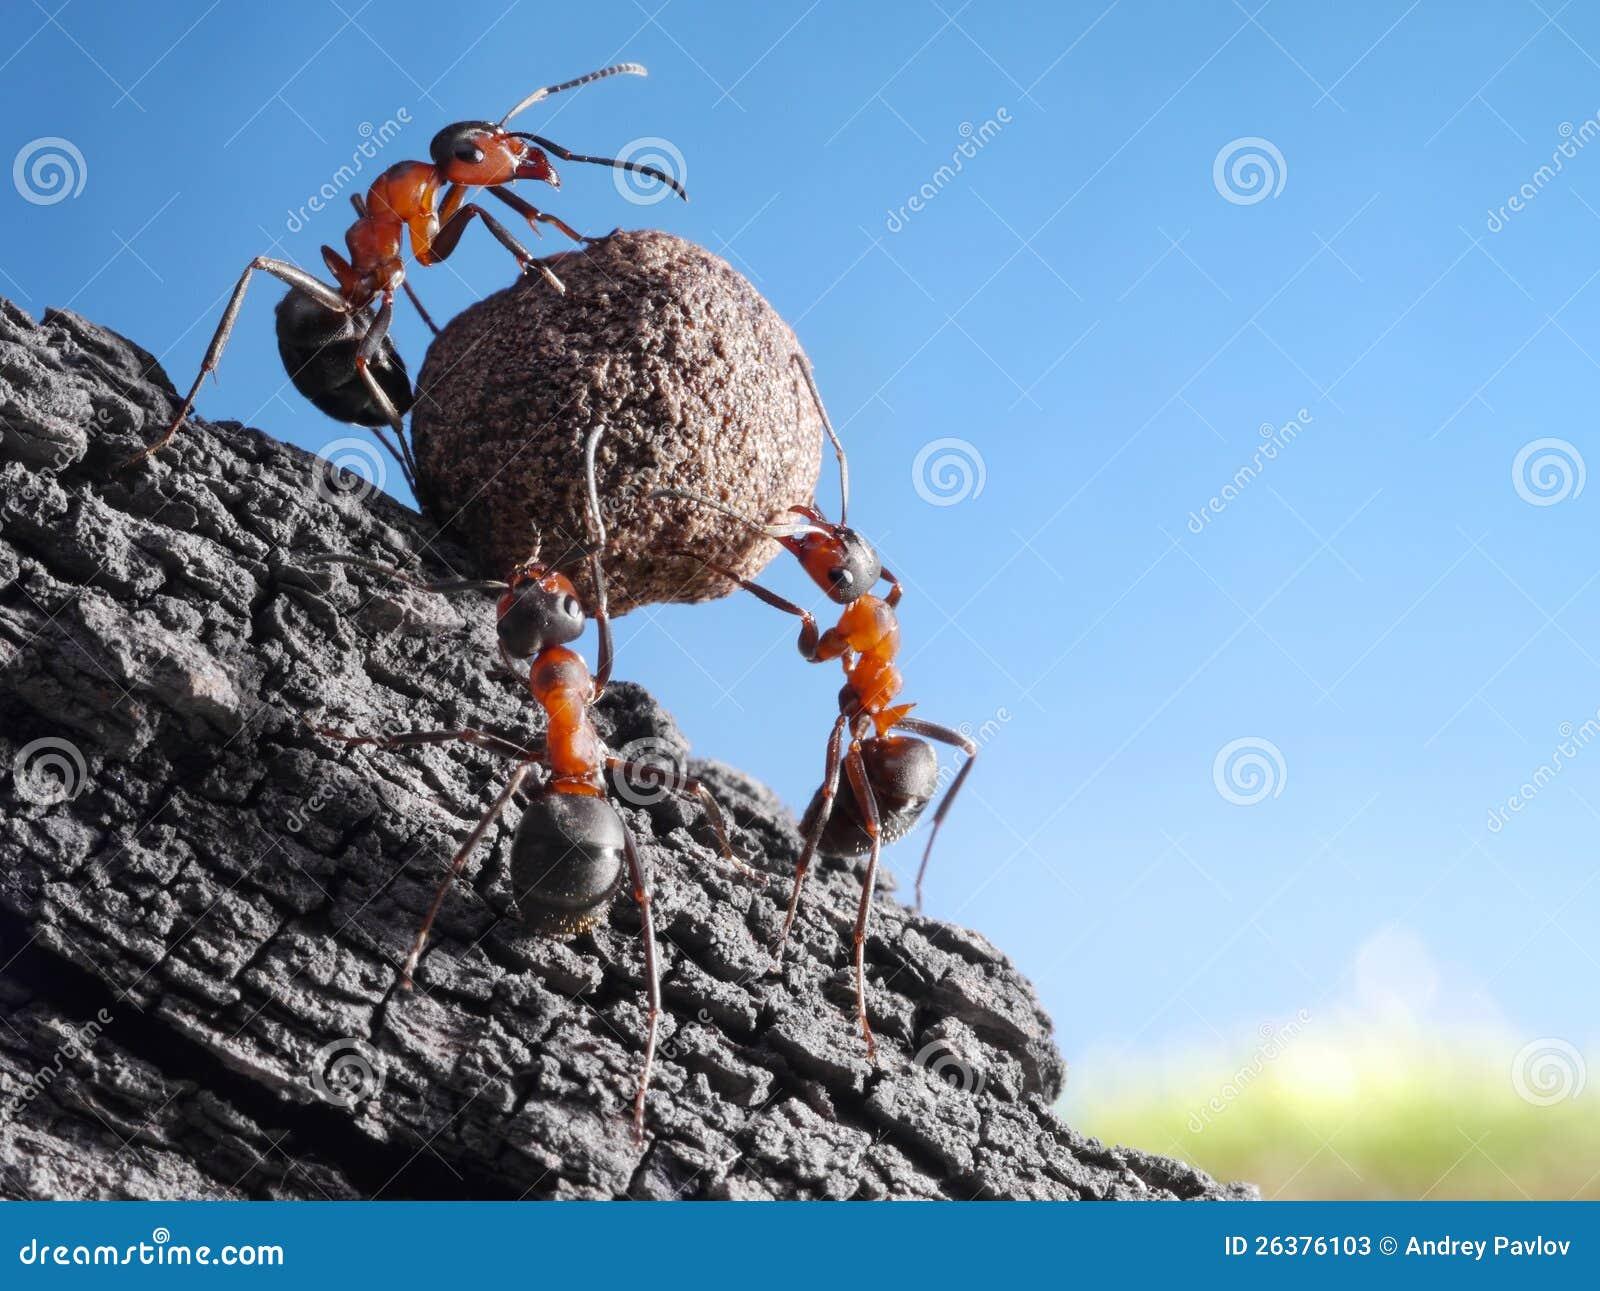 A equipe das formigas rola subidas de pedra, trabalhos de equipa